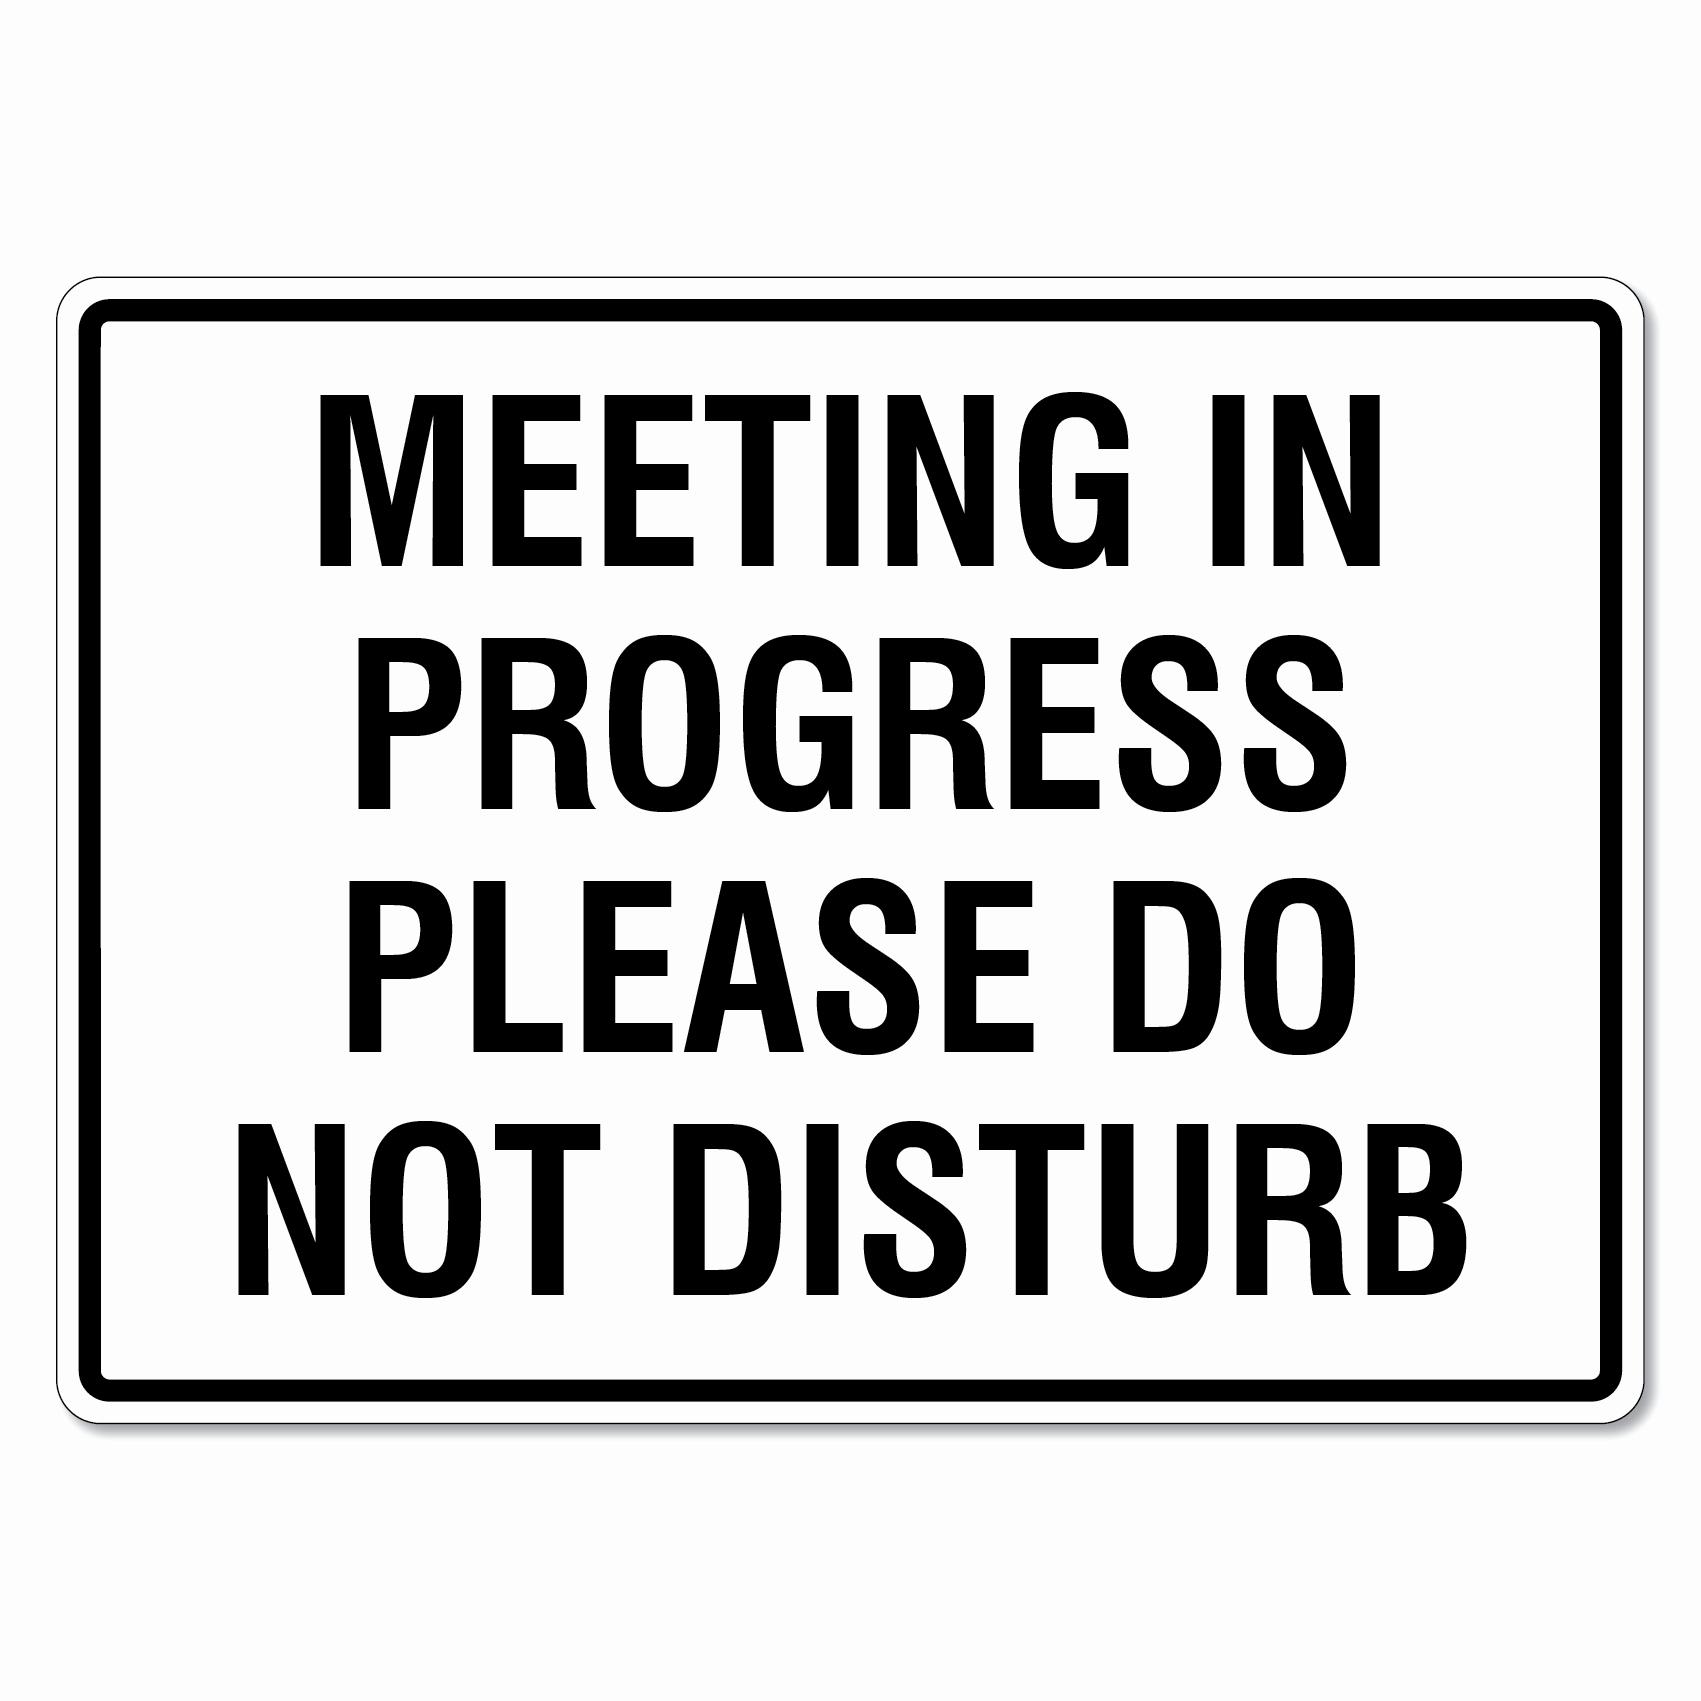 Meeting In Progress Door Signs Best Of Please Do Not Disturb